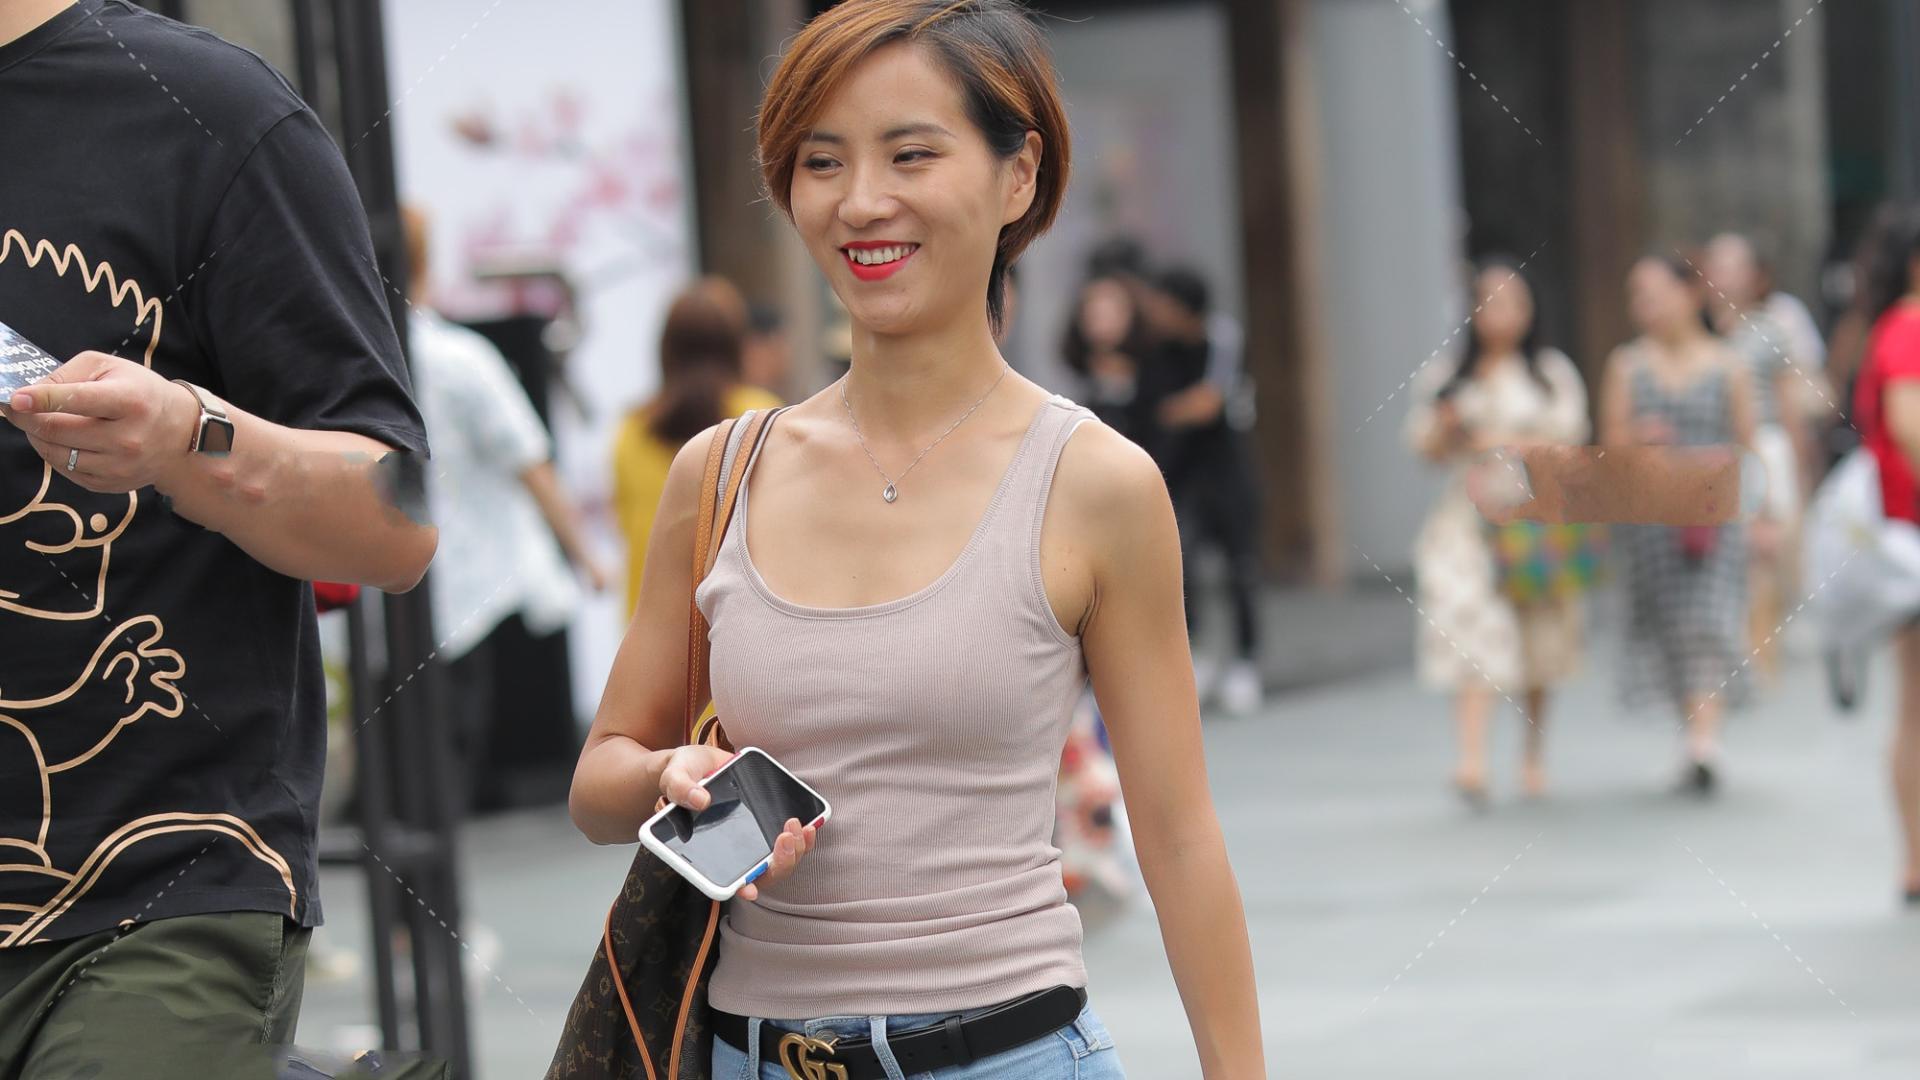 烟粉色修身背心搭配深玫瑰金小跟鞋,性感日常的显身材穿搭